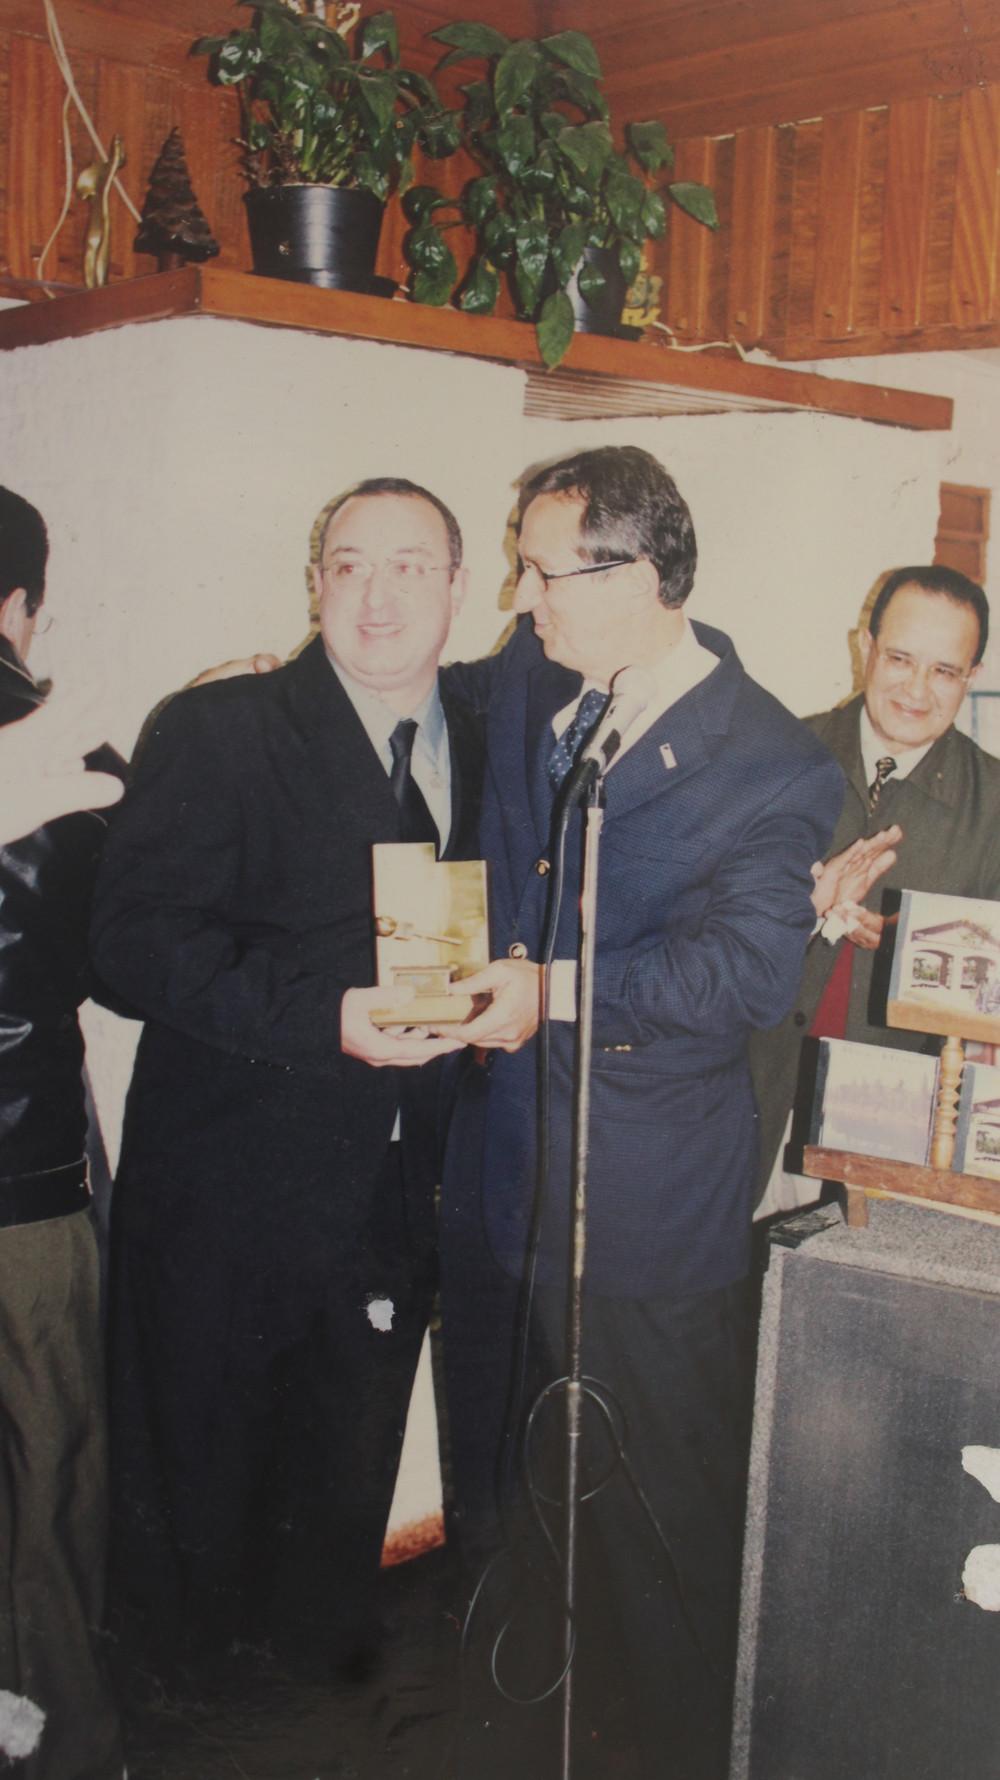 O reconhecimento da AGERT – Associação Gaúcha de Emissoras de Rádio e Televisão, para com a Rádio Excelsior AM 1440 foi entregue pelo presidente da entidade, jornalista Paulo Sérgio Pinto (E) ao gerente da emissora, radialista e jornalista Voltencir Fleck